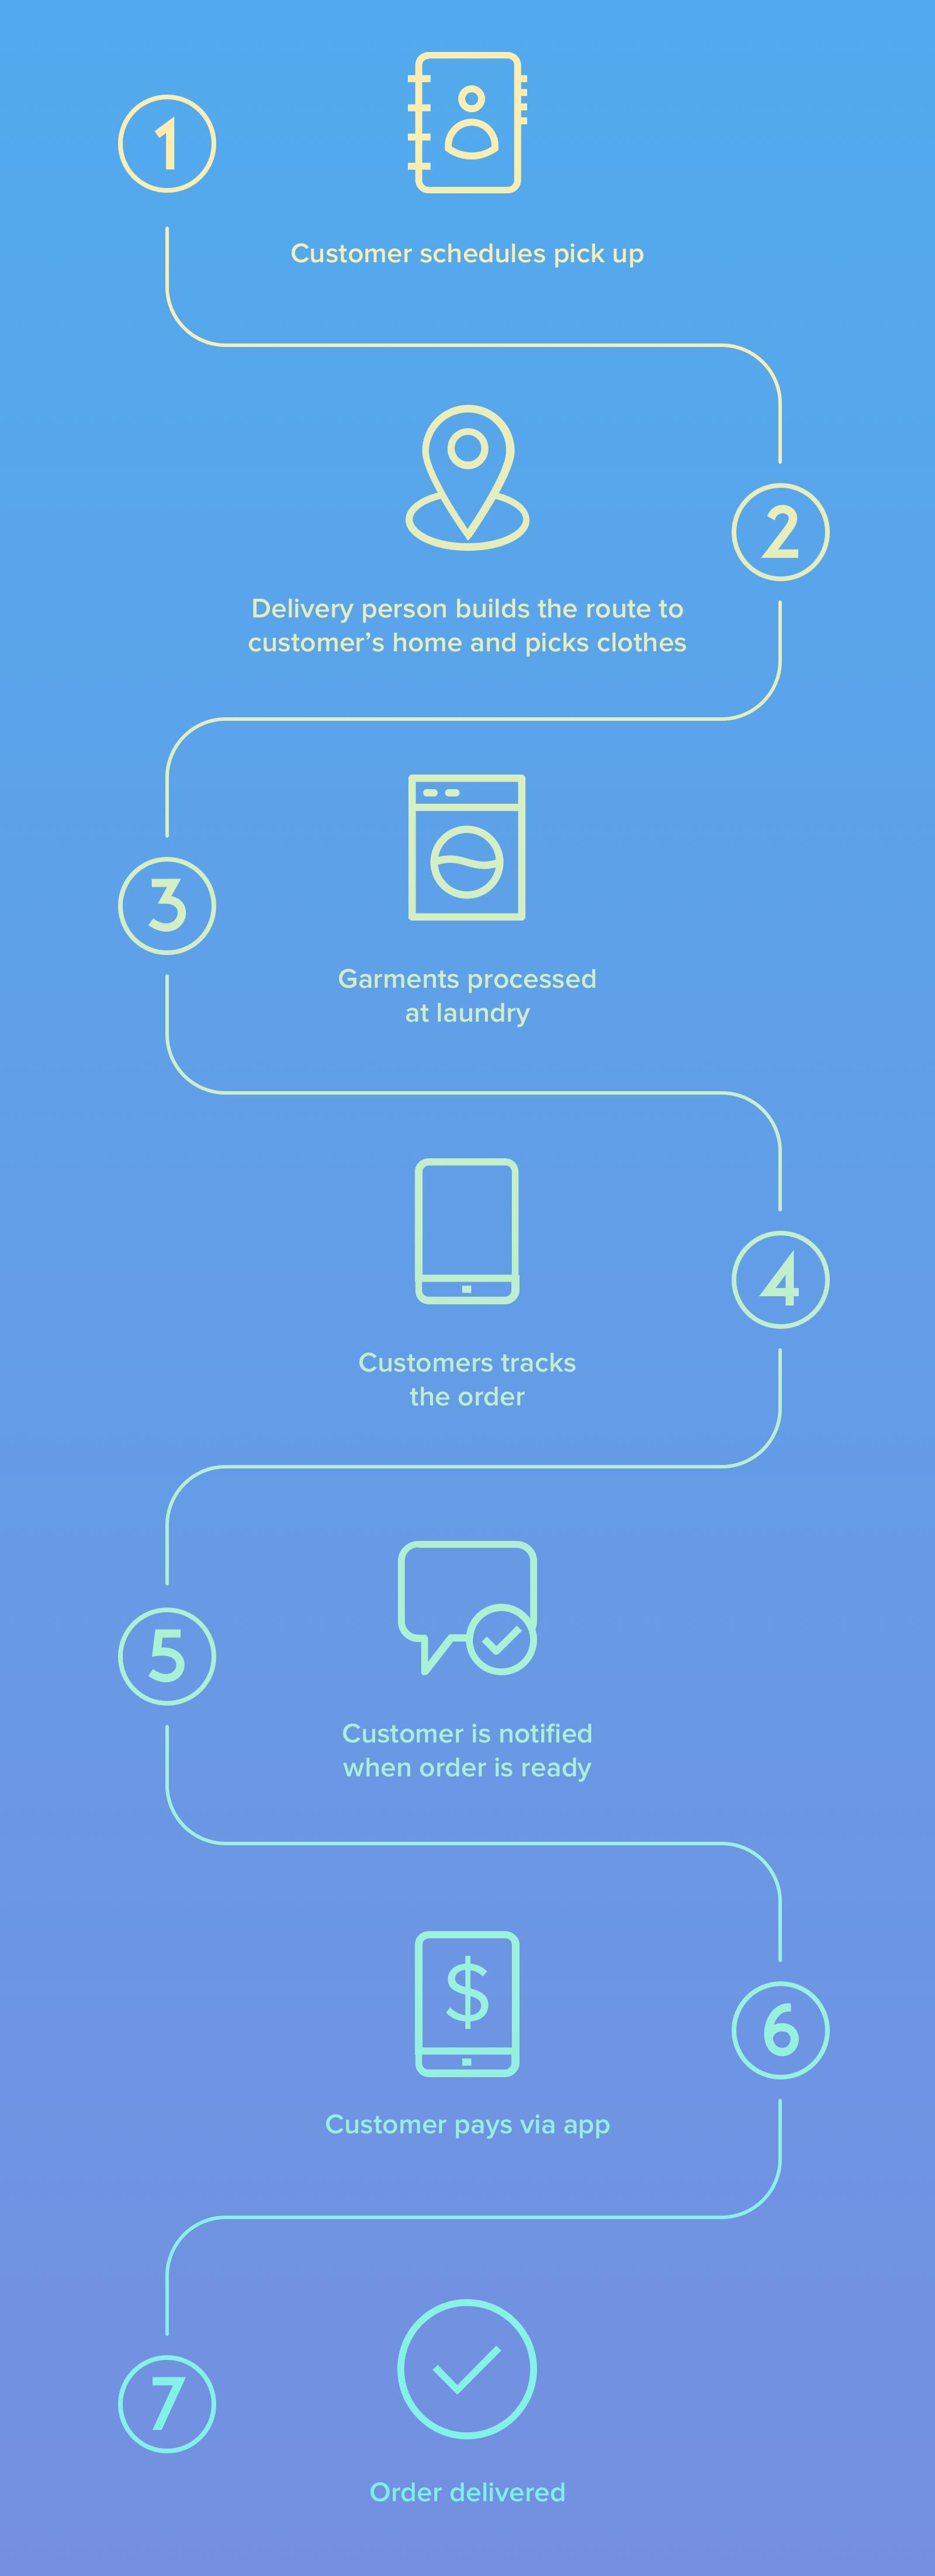 Uber For Laundry App Development: Benefits, Business Models